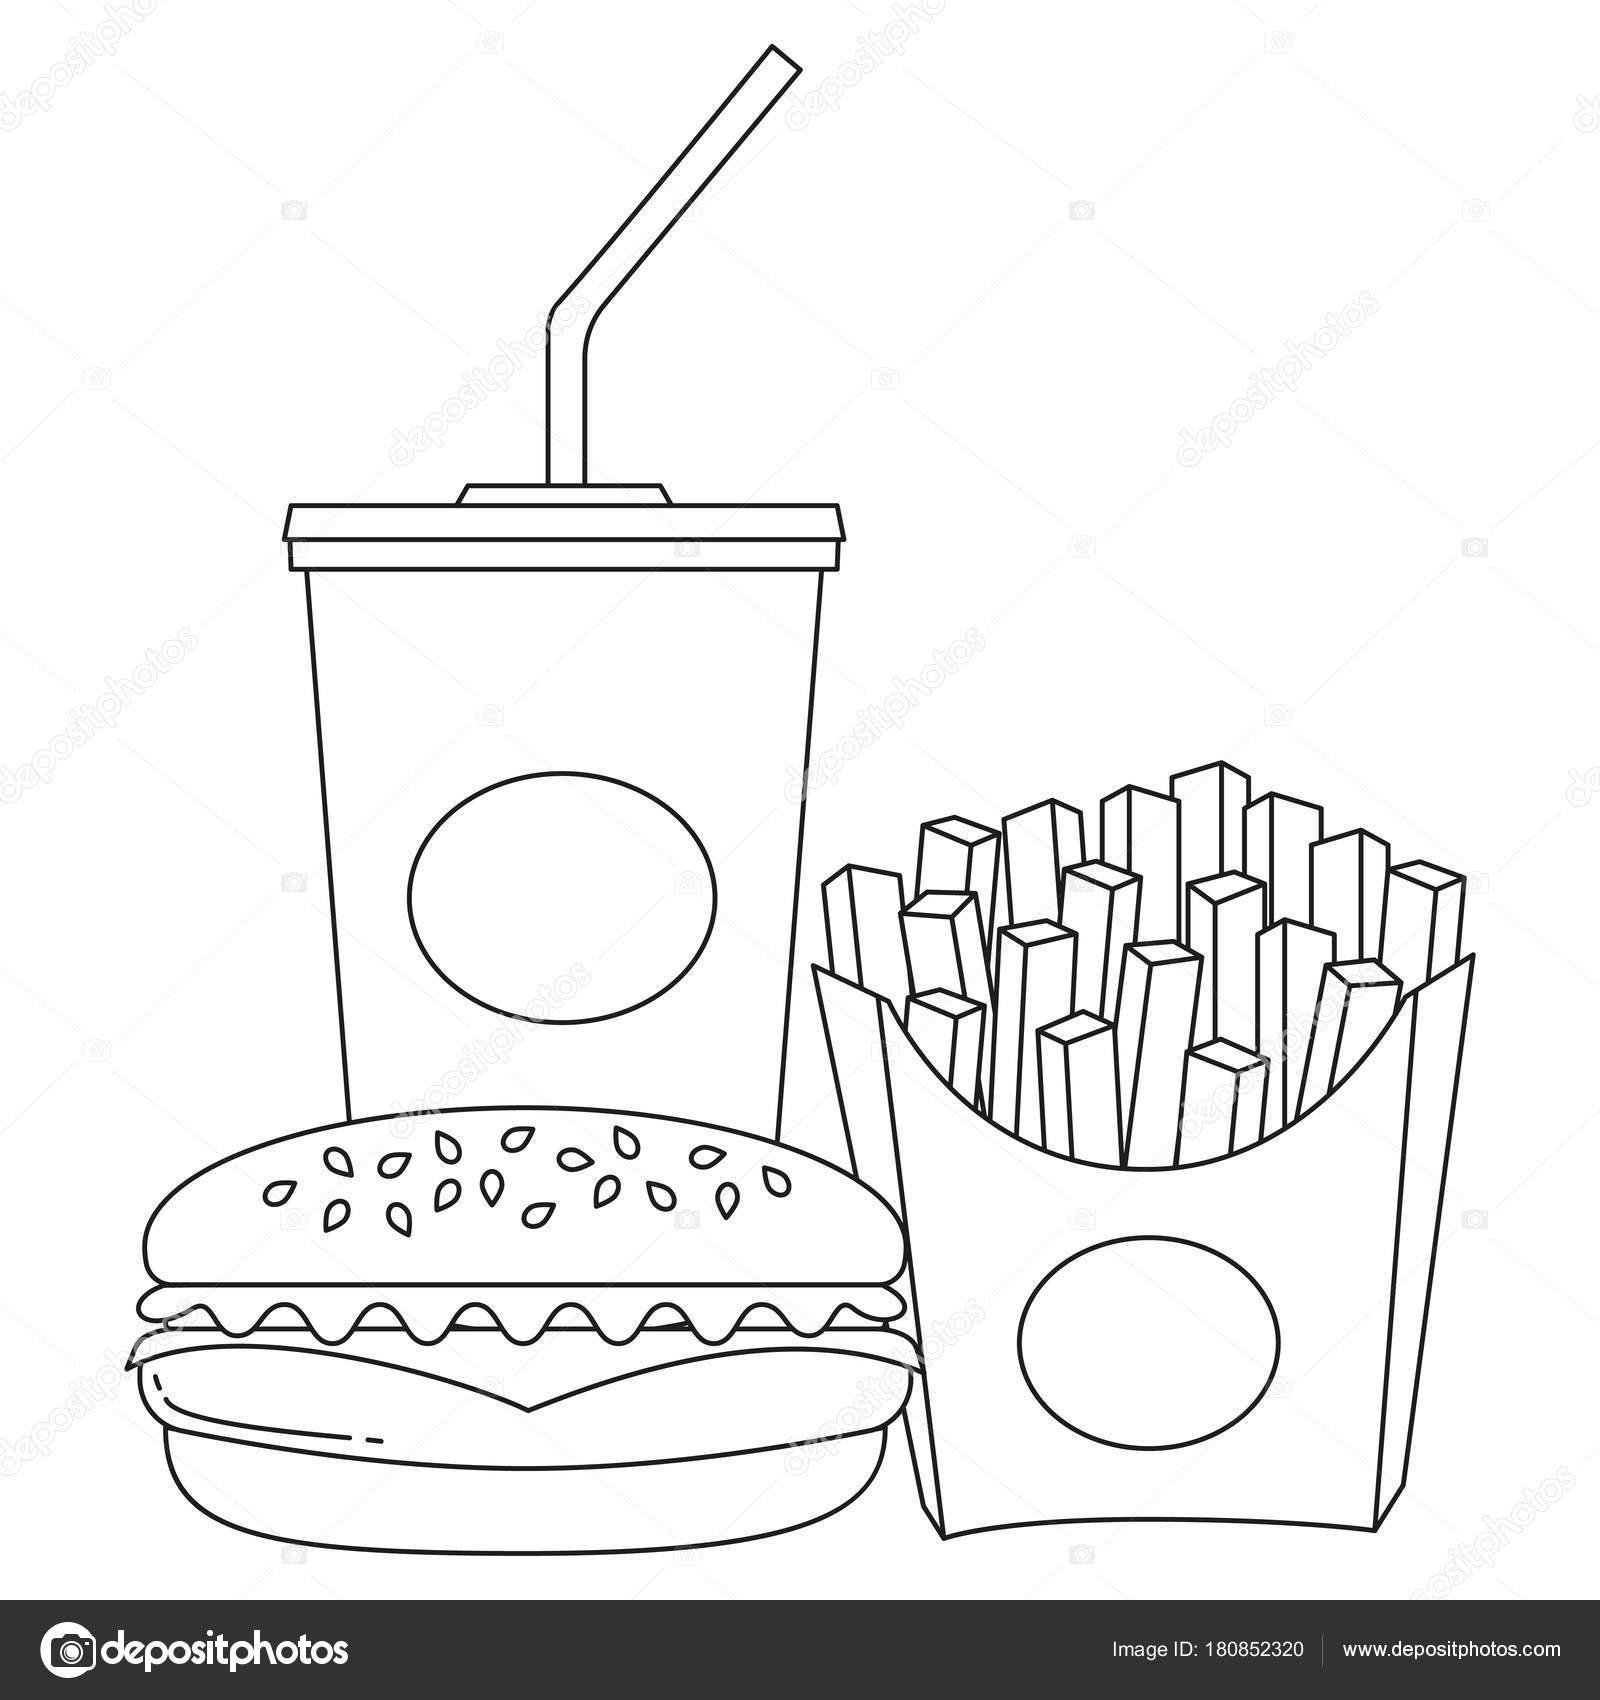 Dibujo Hamburguesa Blanco Y Negro